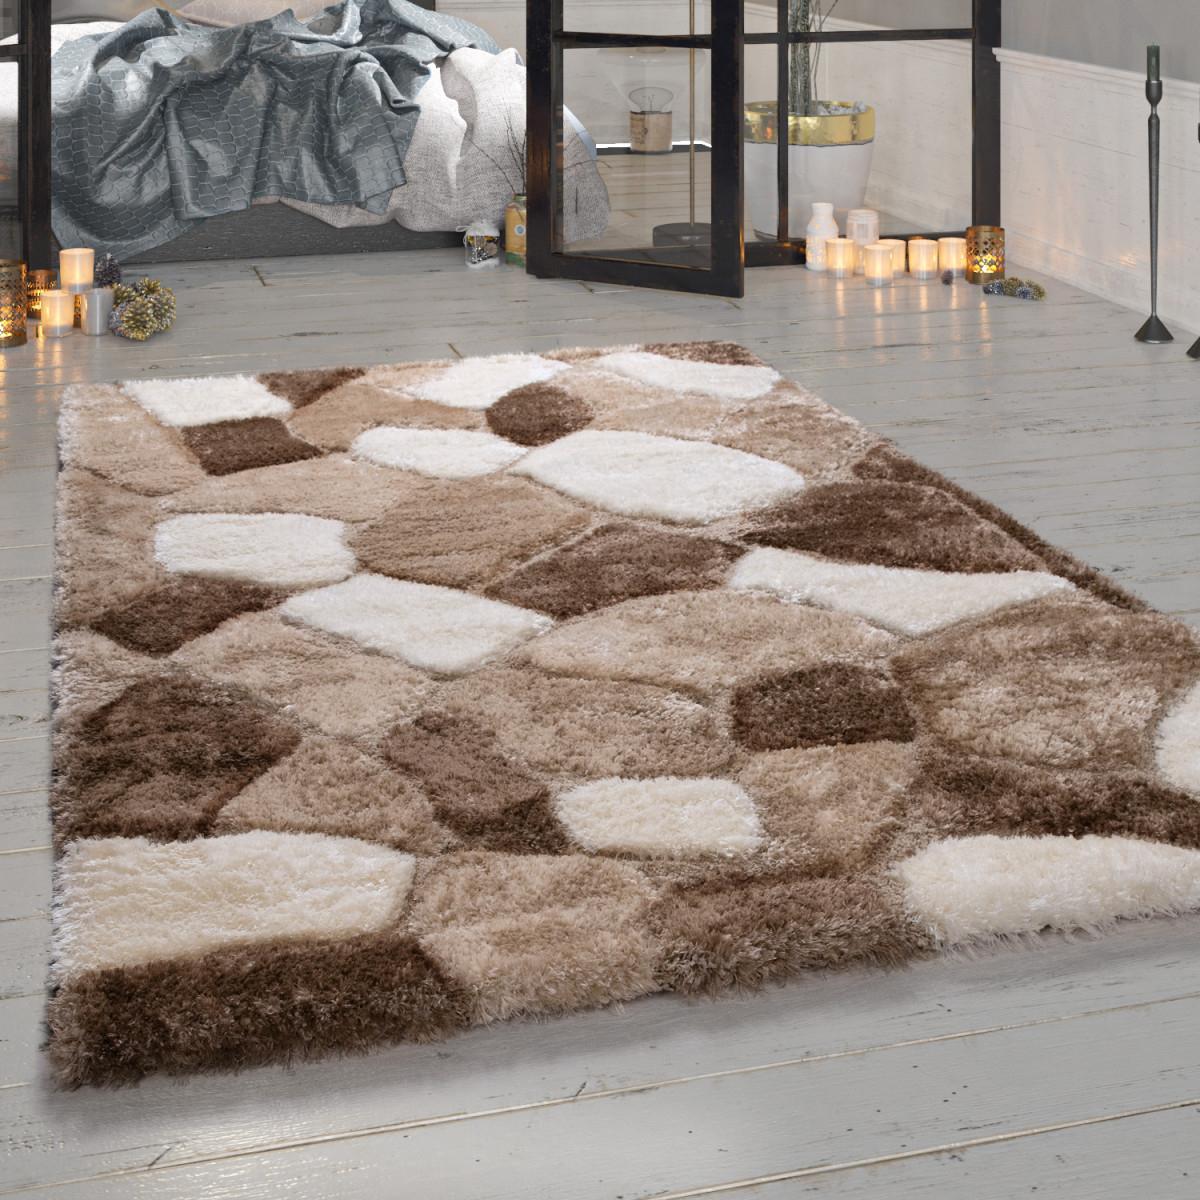 Shaggy Teppich Wohnzimmer Beige Hochflor Stein Muster Kuschelig Weich von Teppich Wohnzimmer Hochflor Bild